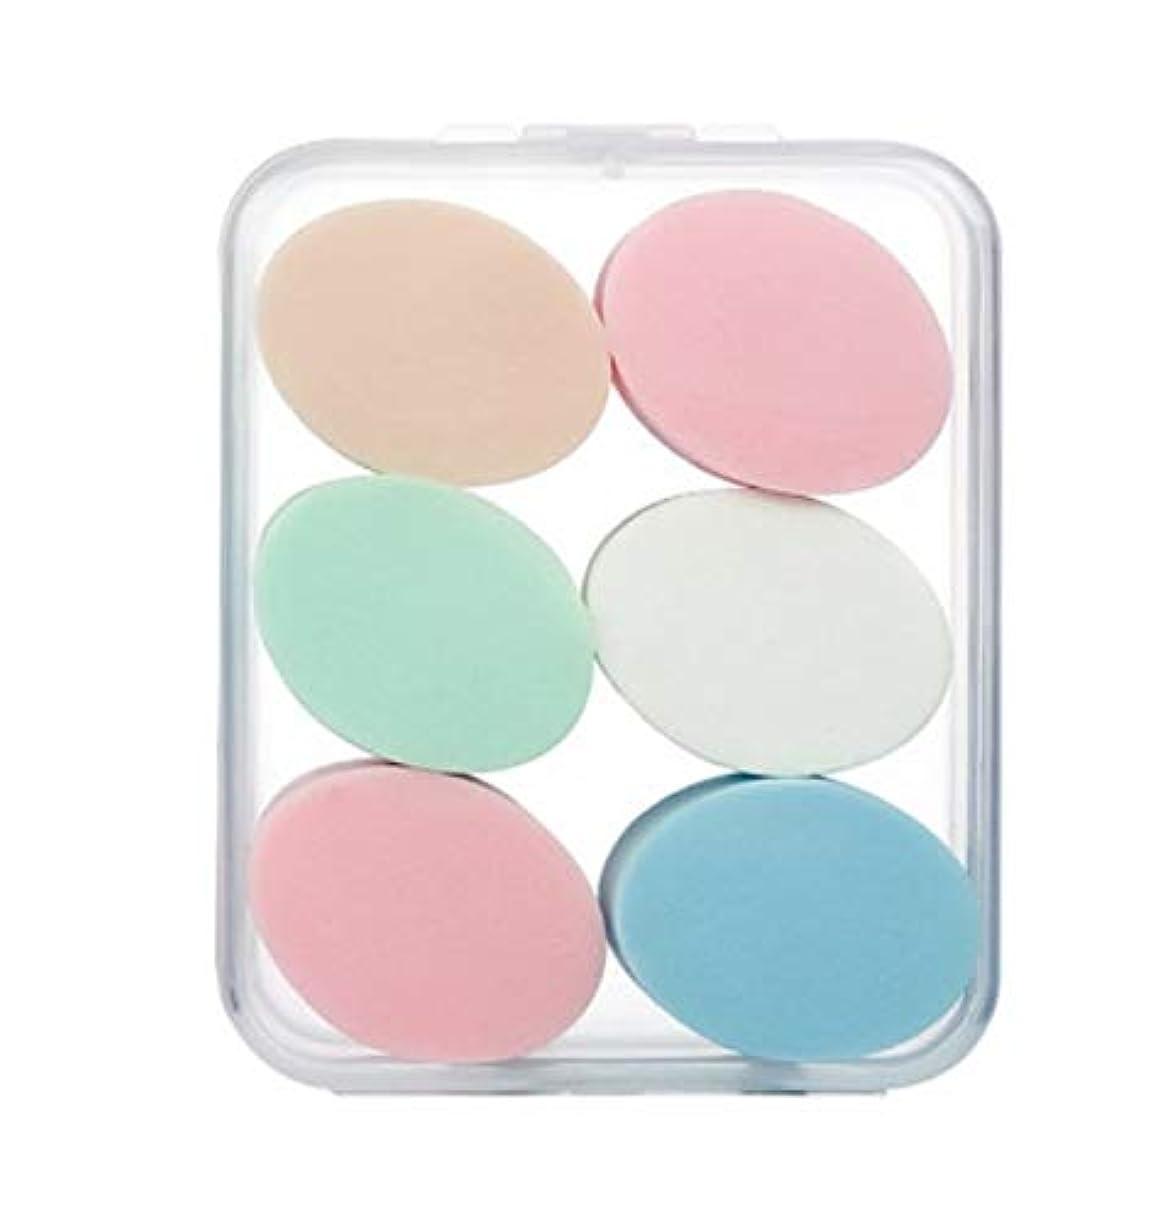 偏見習熟度損なう美容スポンジ、収納ボックス付きソフト楕円化粧スポンジ美容メイク卵6パック